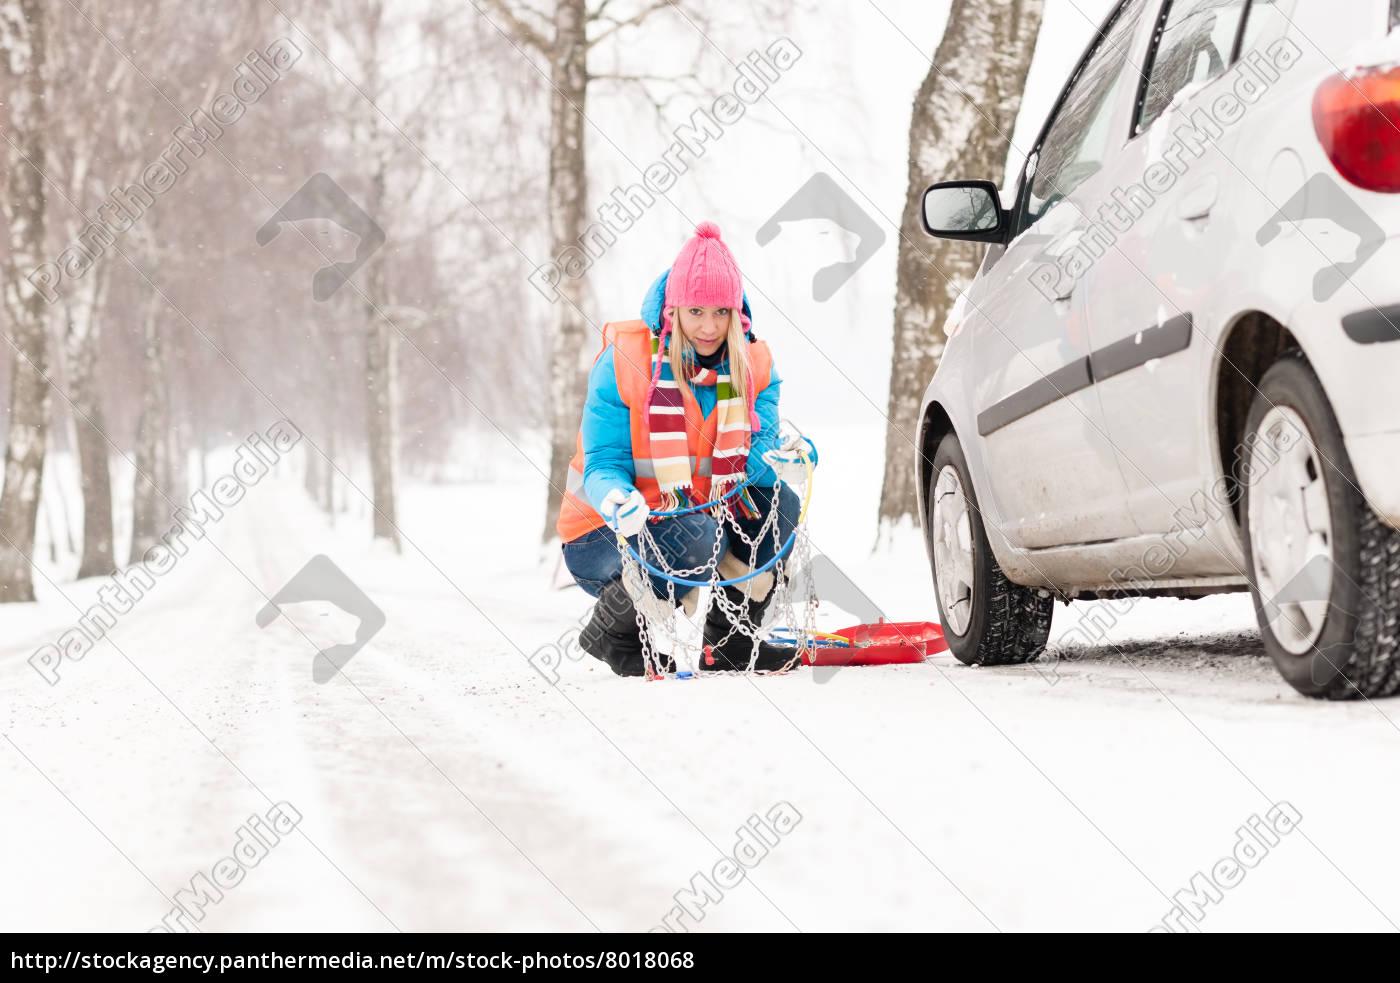 frau, mit, reifenketten, auto, schneesturz - 8018068